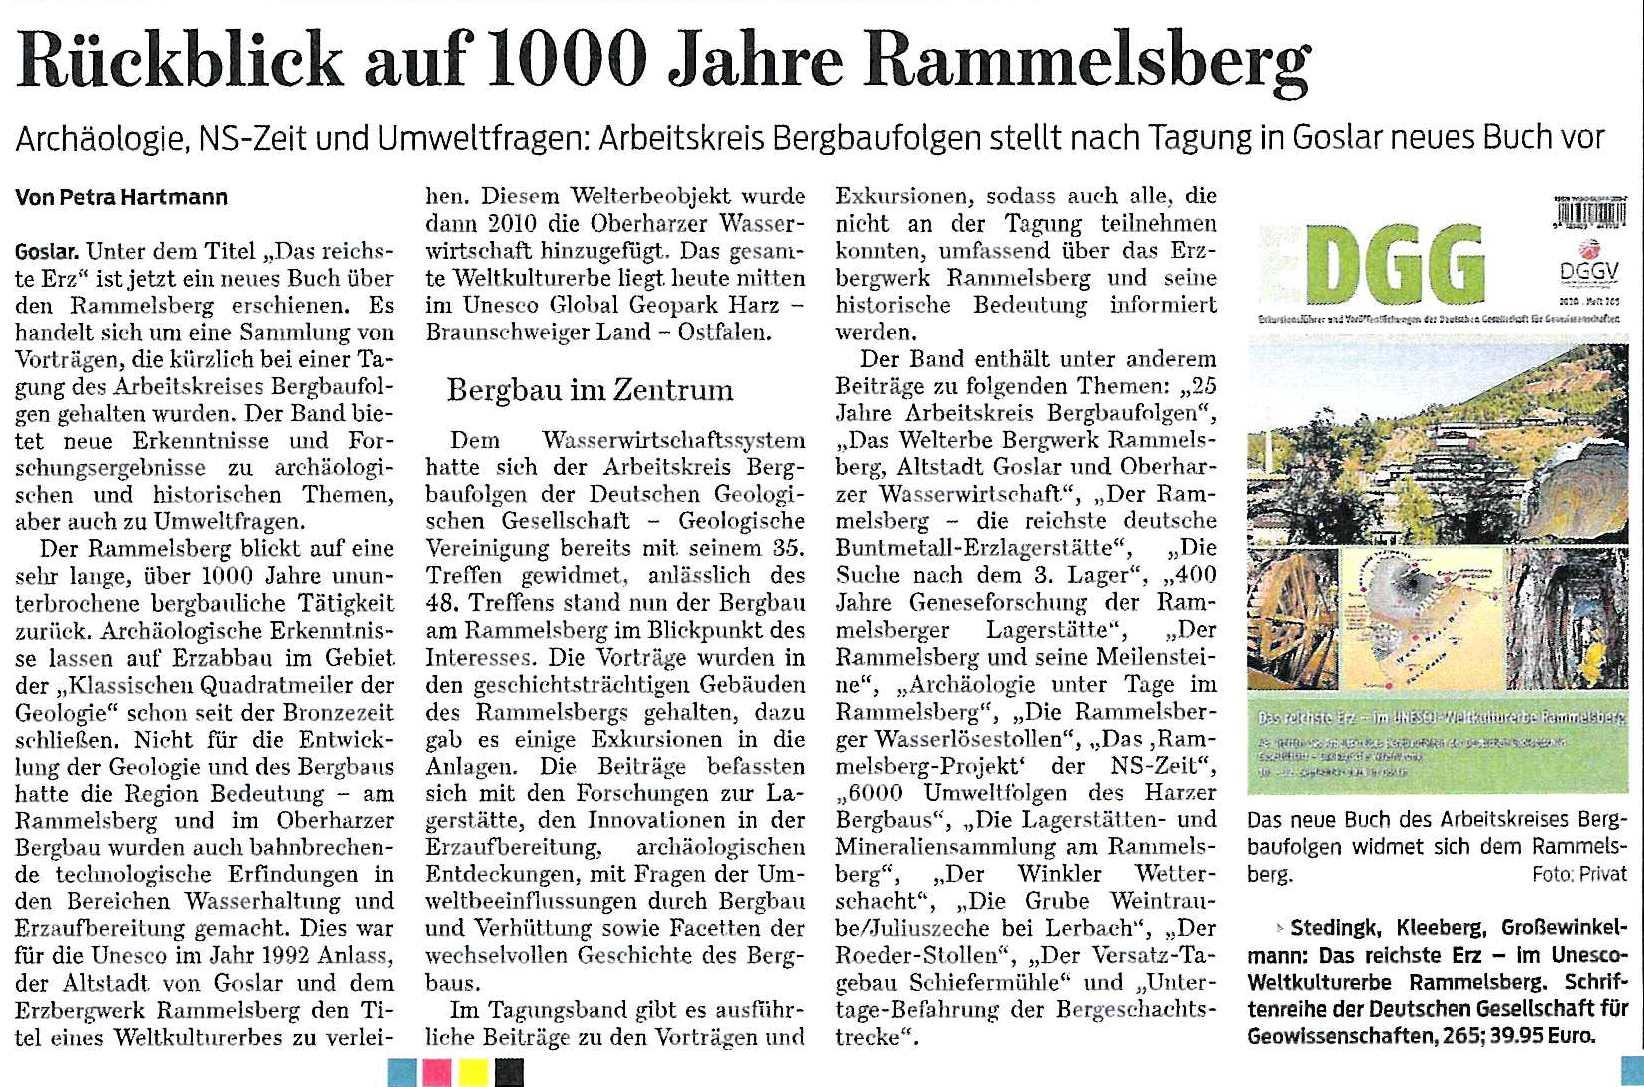 Zeitungsausschnitt der Goslarschen Zeitung vom 10.11.2020